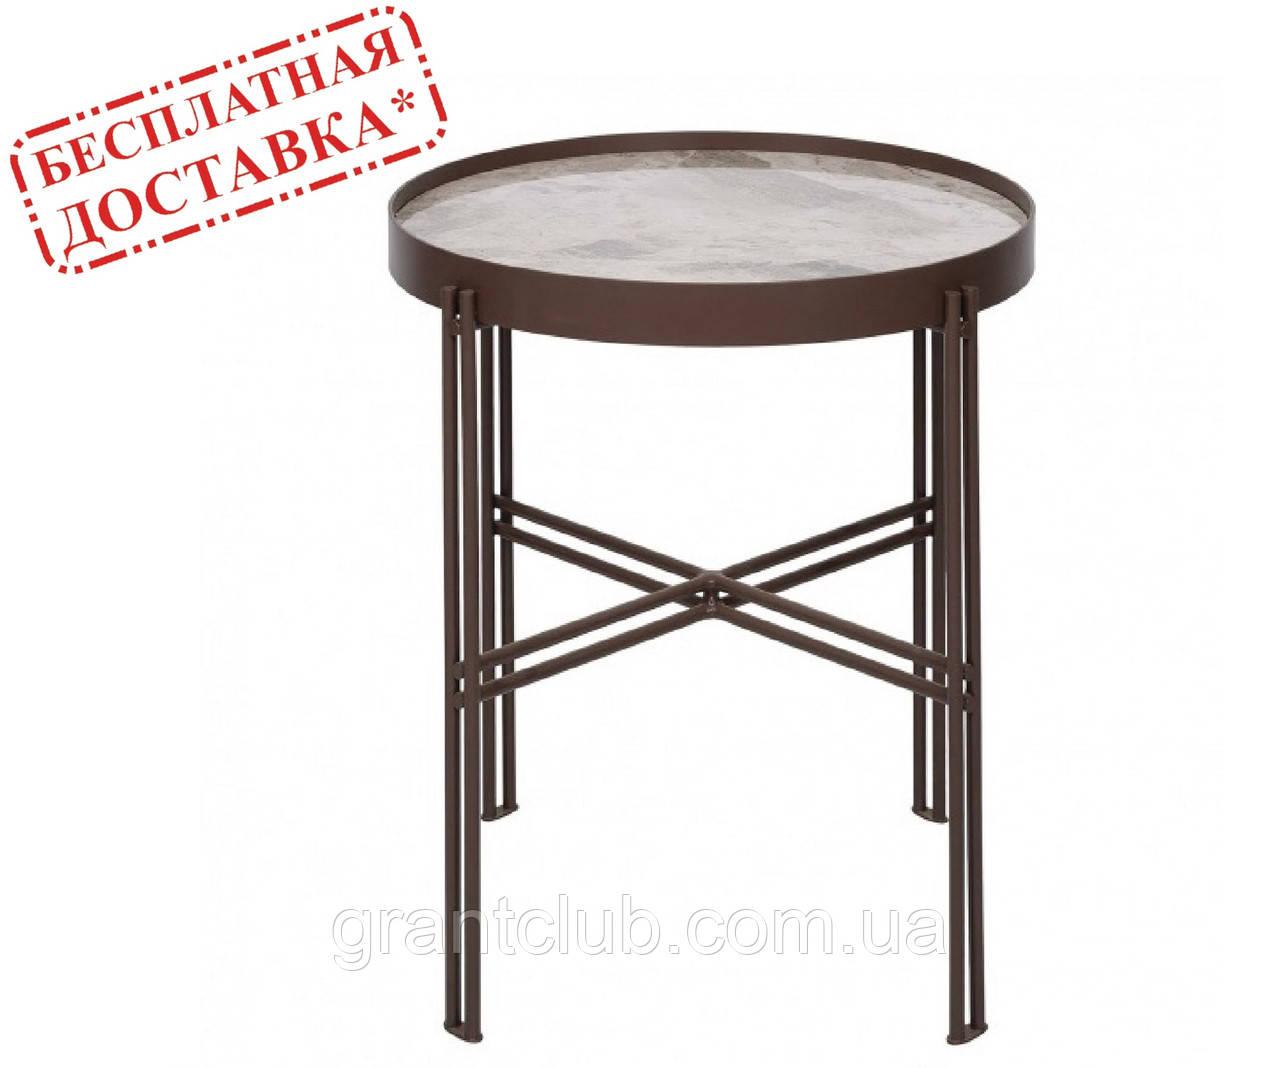 Стол журнальный ETON S (48х48х38 см) керамика светло-серый глянец Nicolas (бесплатная доставка)